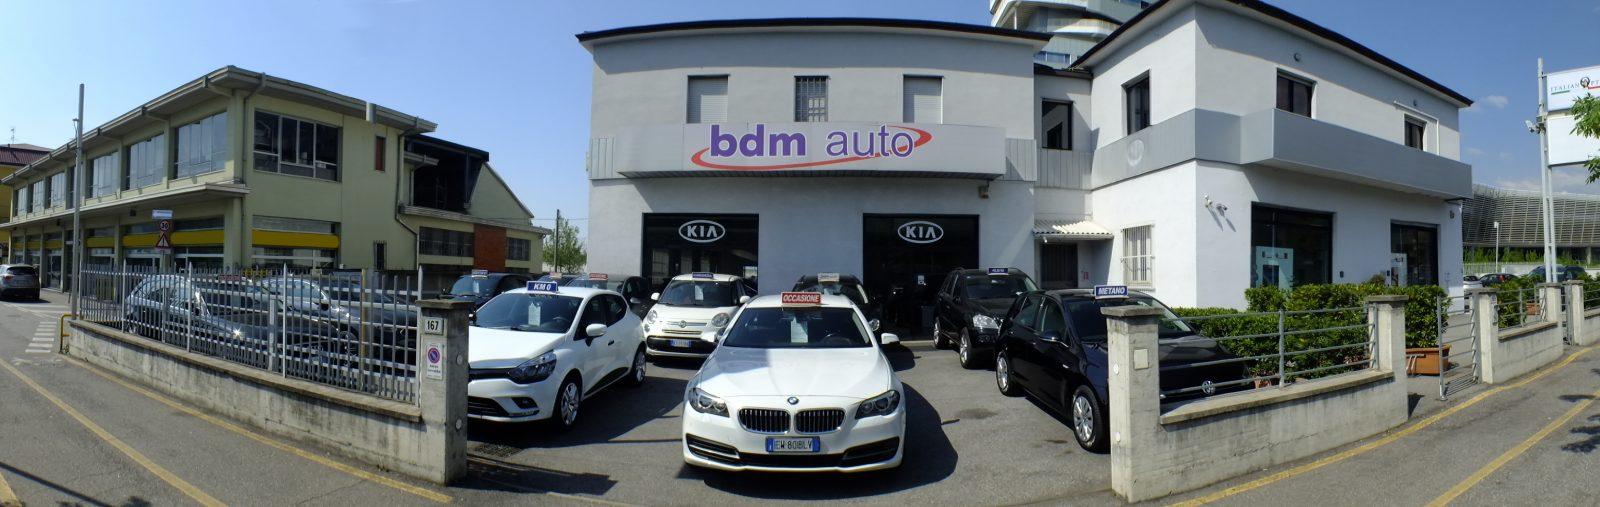 Automobili usate a Brescia - BDM auto - Usato garantito d ...